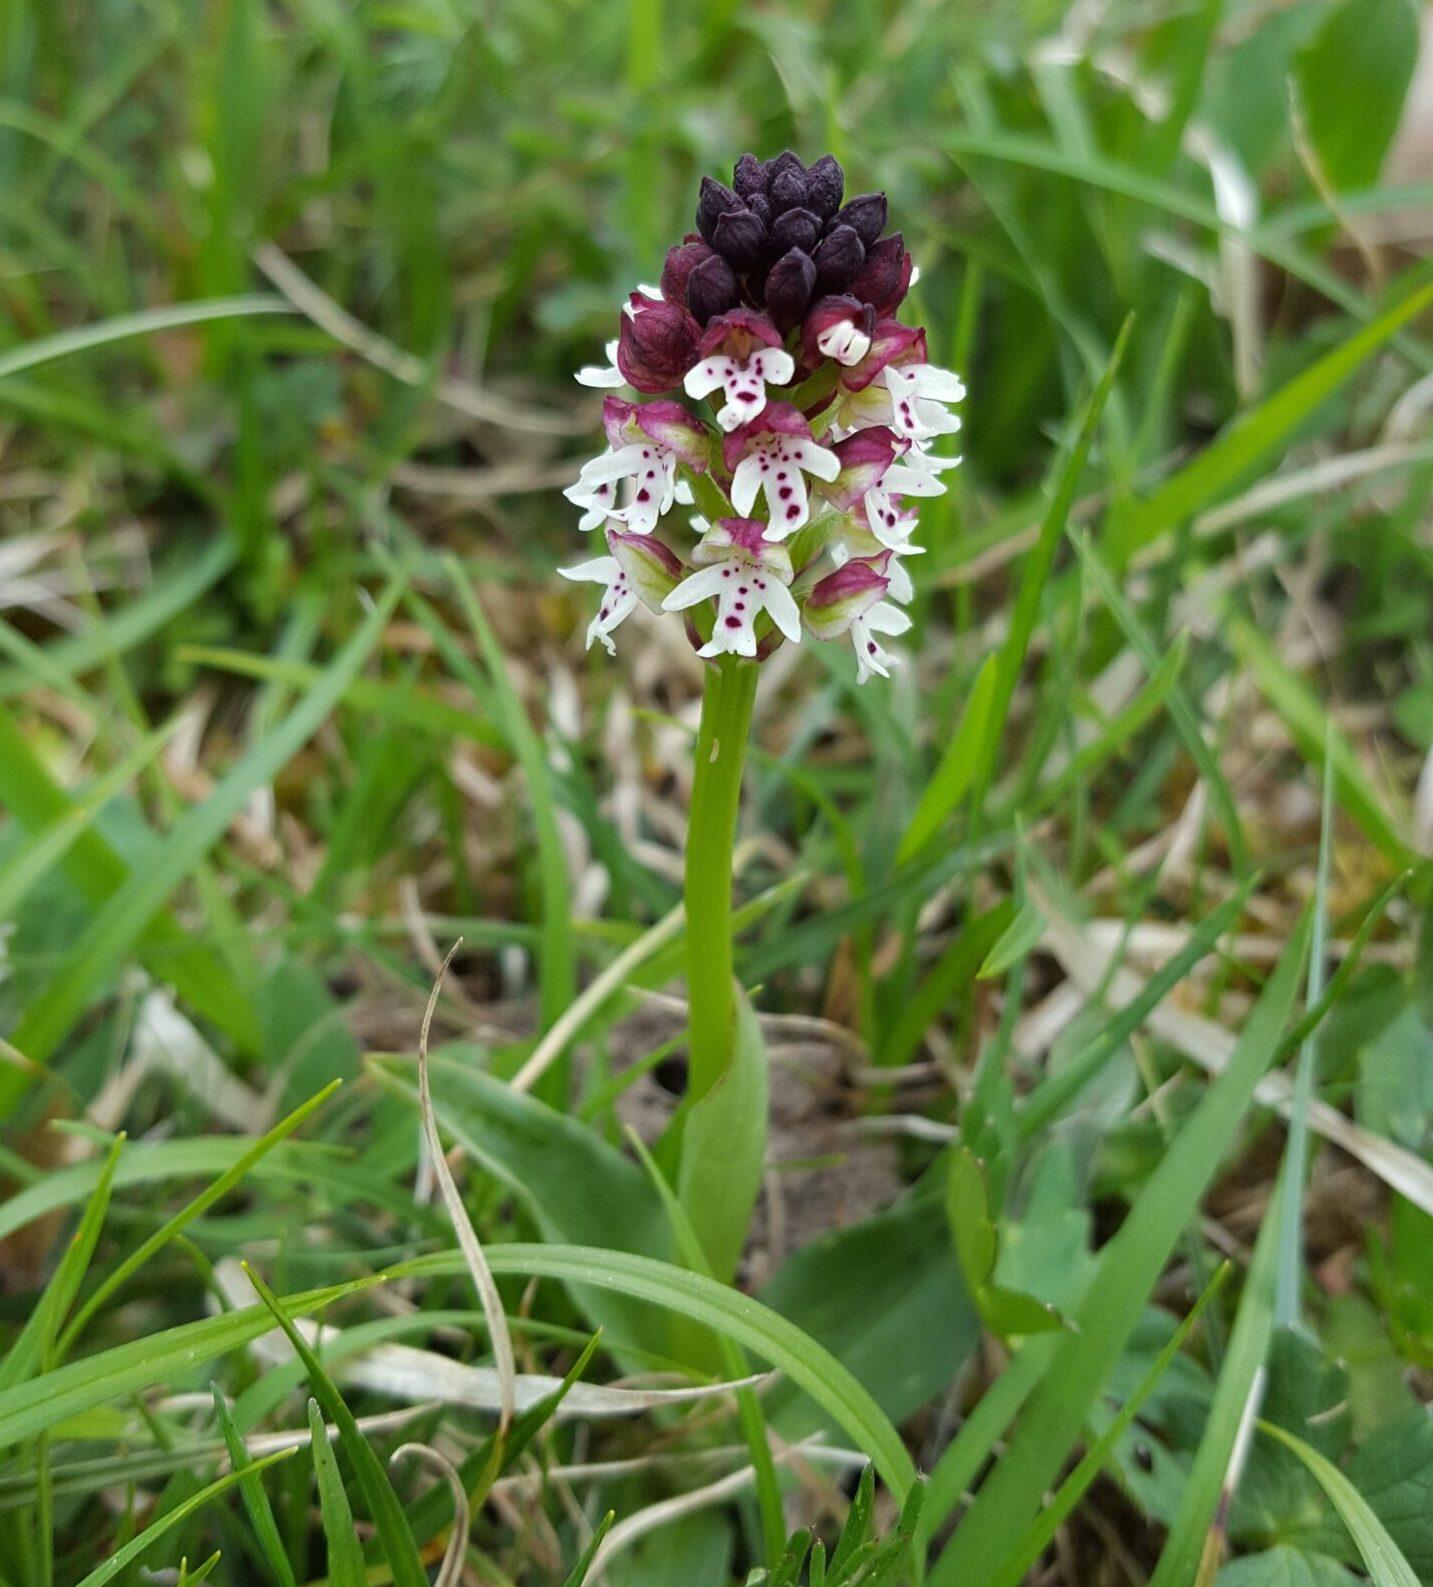 Blume Pflanze Orchidee schwärzliches Knabenkraut Orchis ustulata